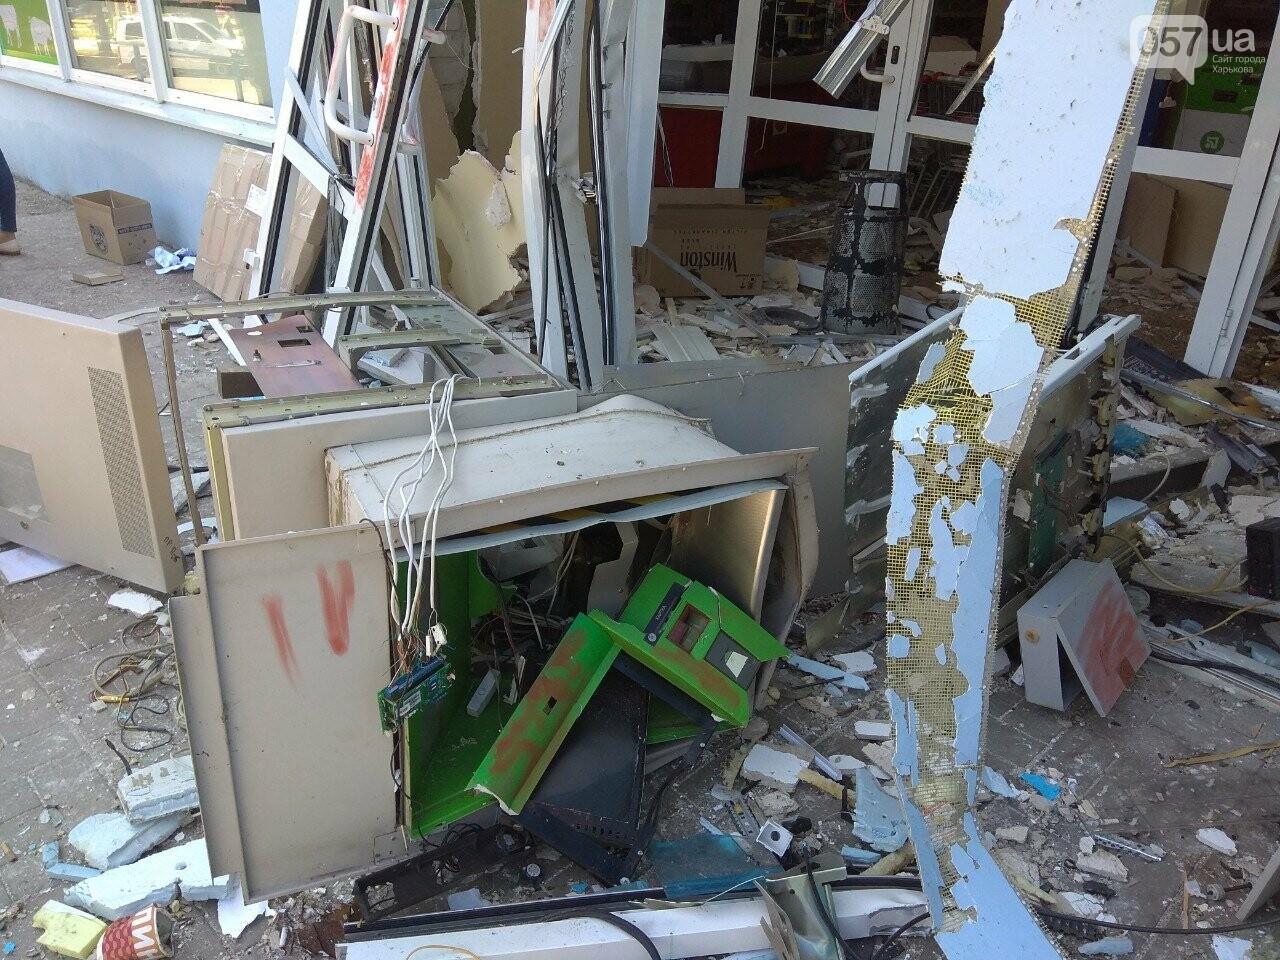 Взрыв банкомата на Алексеевке: неизвестные нанесли магазину убыток на 200 тысяч гривен, - ВИДЕО, фото-5